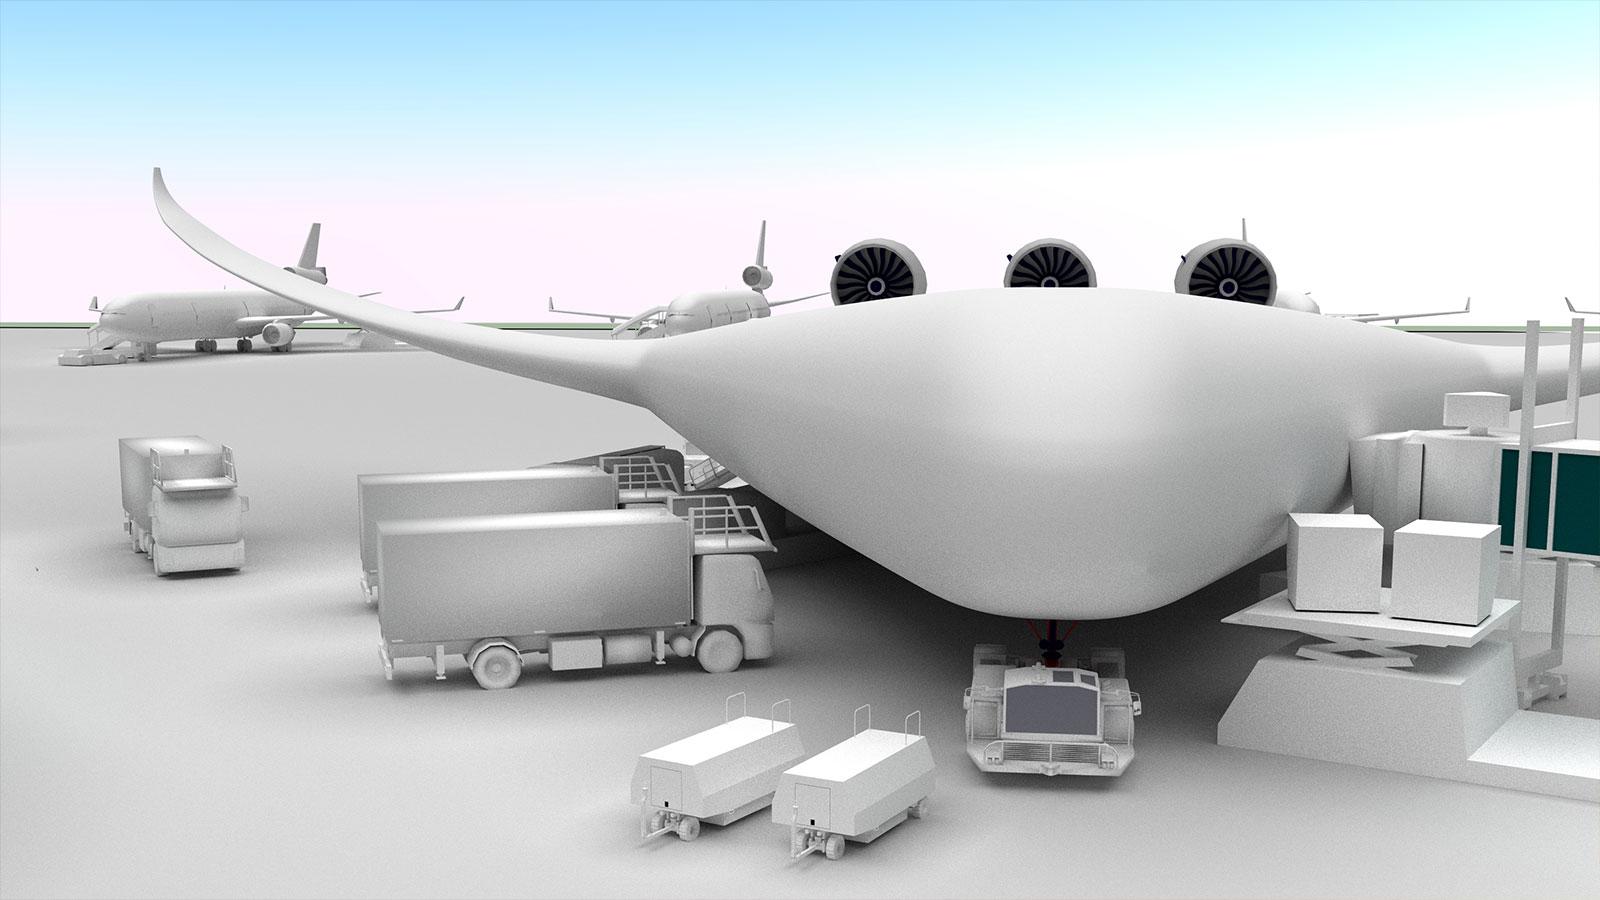 DLR_next - Wie sehen die Flugzeuge der Zukunft aus?